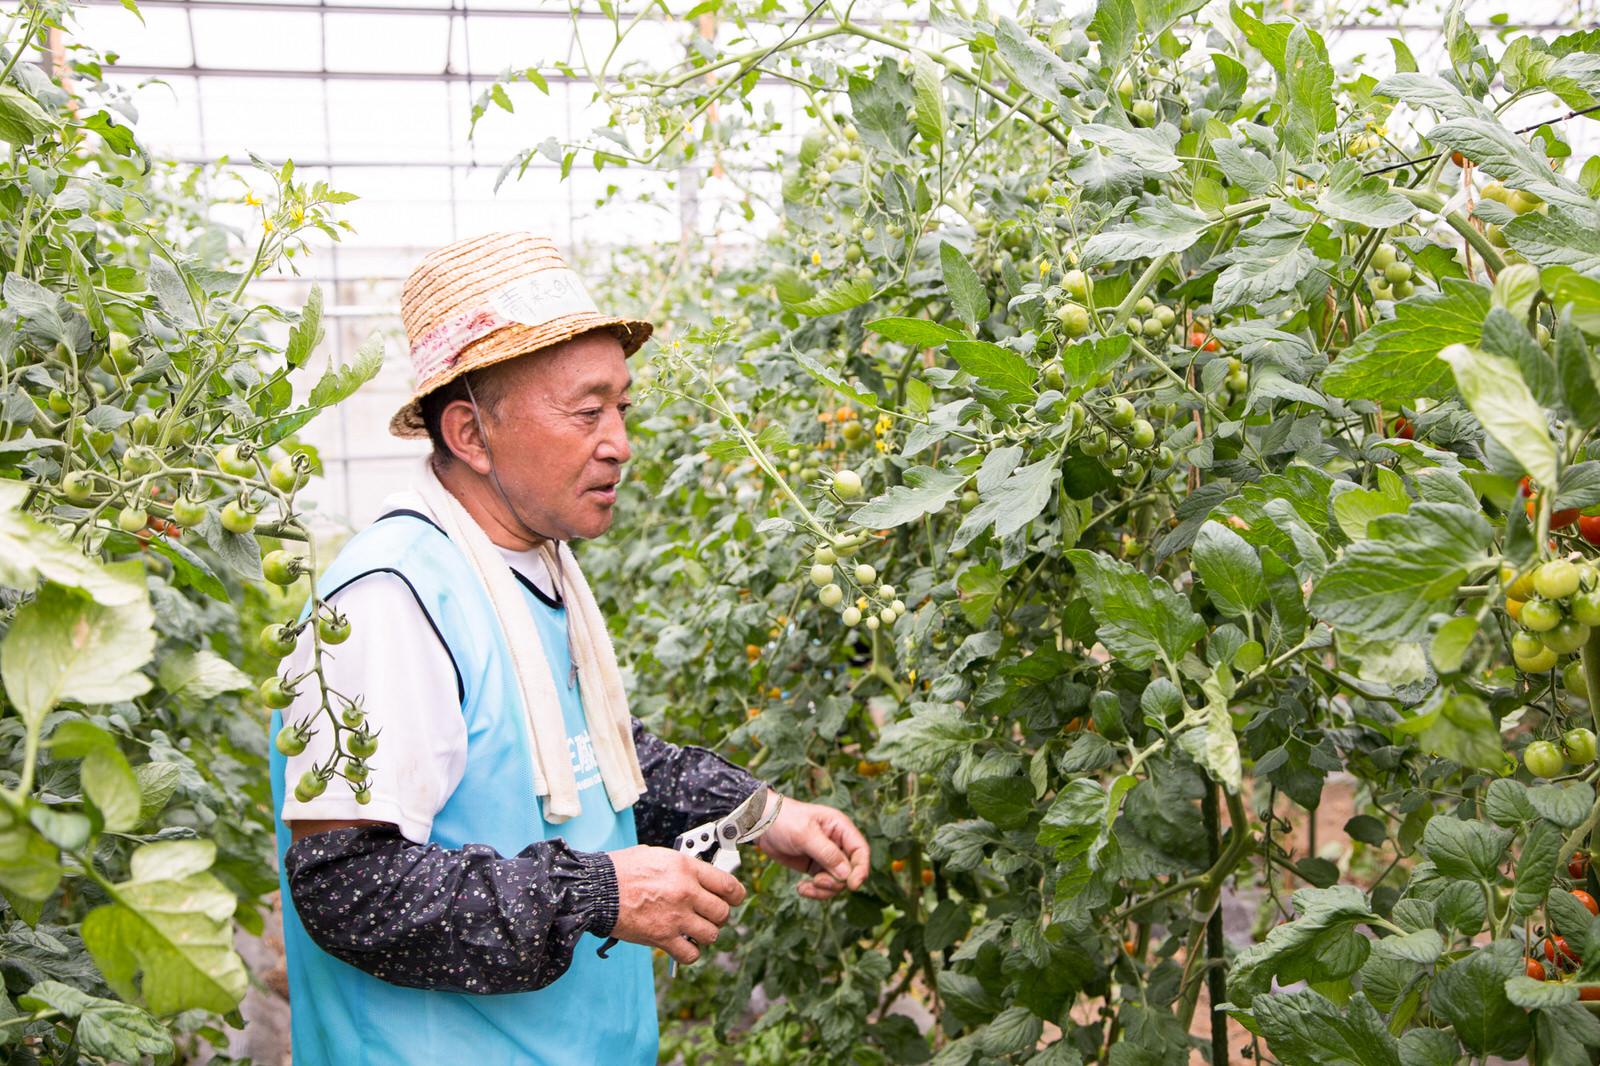 農工房おでってリピーターの青森の男性。さすがの慣れた手つきで、どんどん作業を進めていく